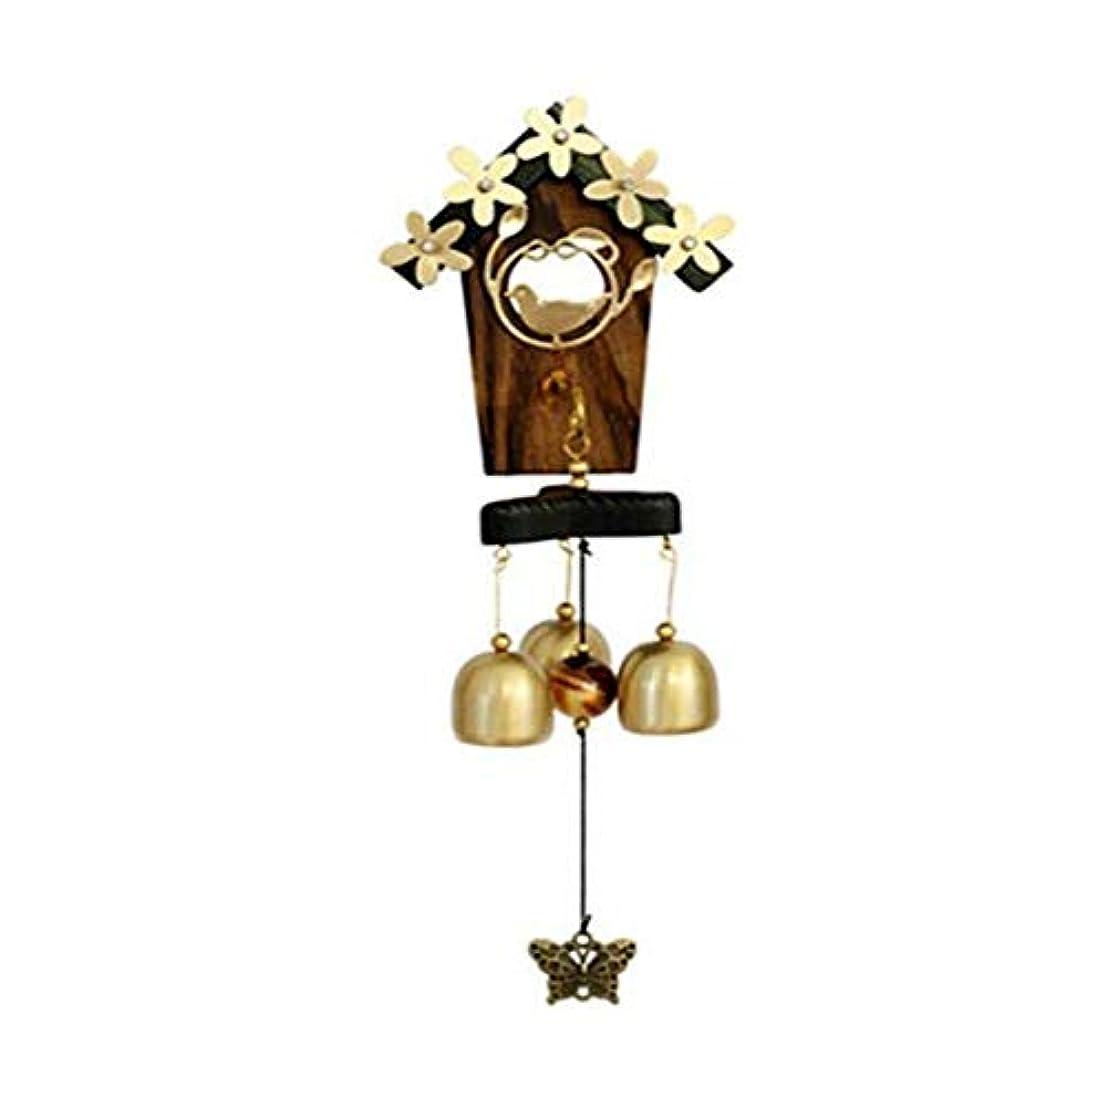 シャット有彩色のオークランド風チャイムは、愛の巣の風鈴は金属工芸、バレンタインデーの誕生日ギフト、ホームデコレーション、サイズ、35センチハンギング (Size : 35cm)